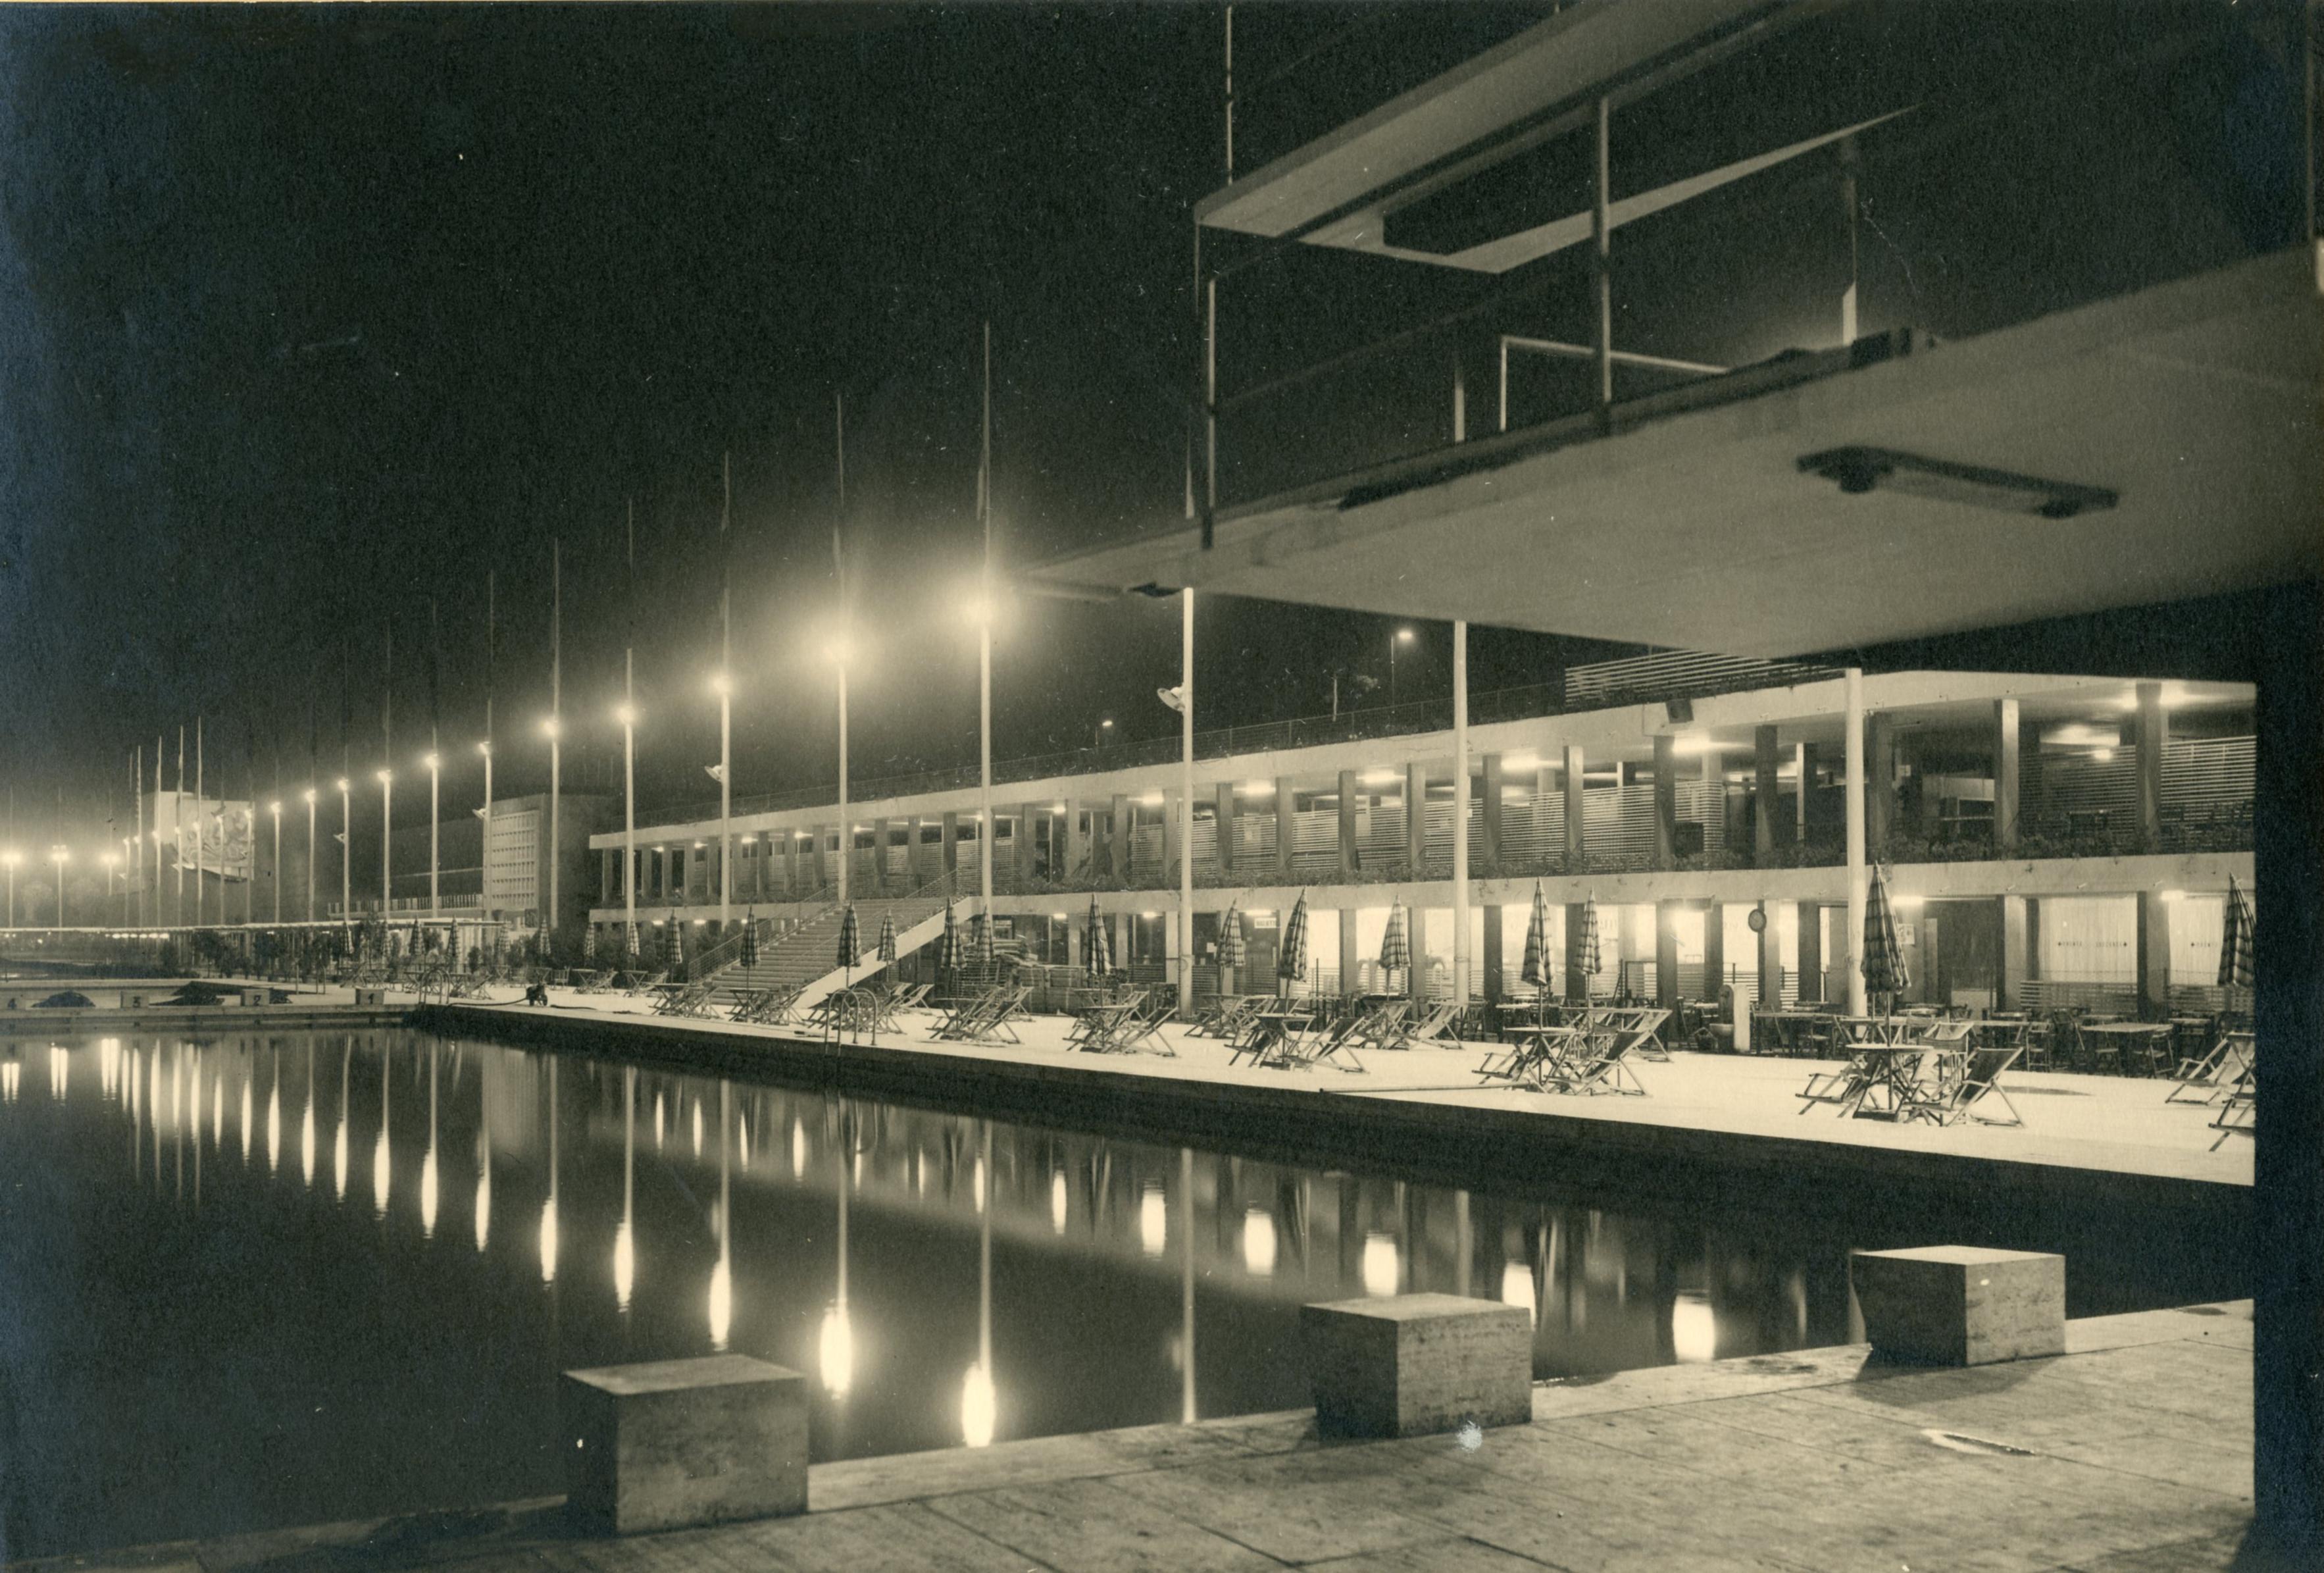 Villaggio balneare (piscine e cinema-teatro) al Circo Massimo, Roma